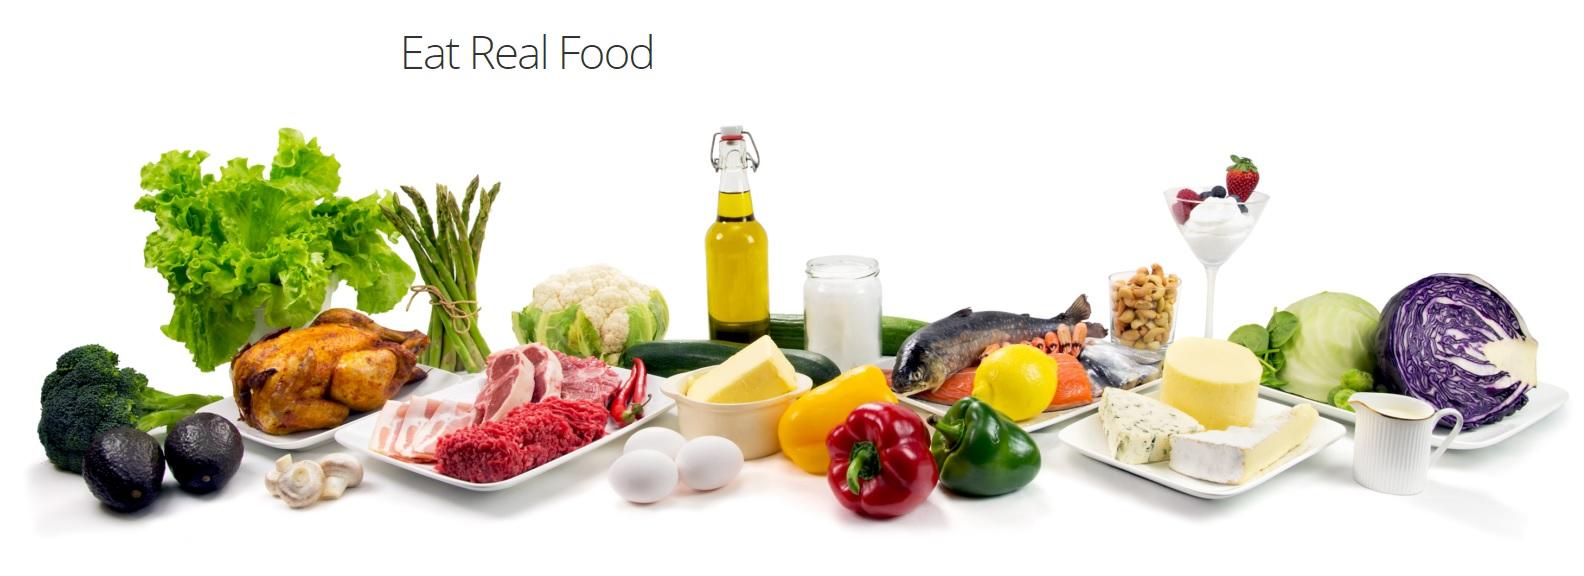 LCHF (Low Carb High Fat): Dieta baja en carbohidratos y rica en grasas